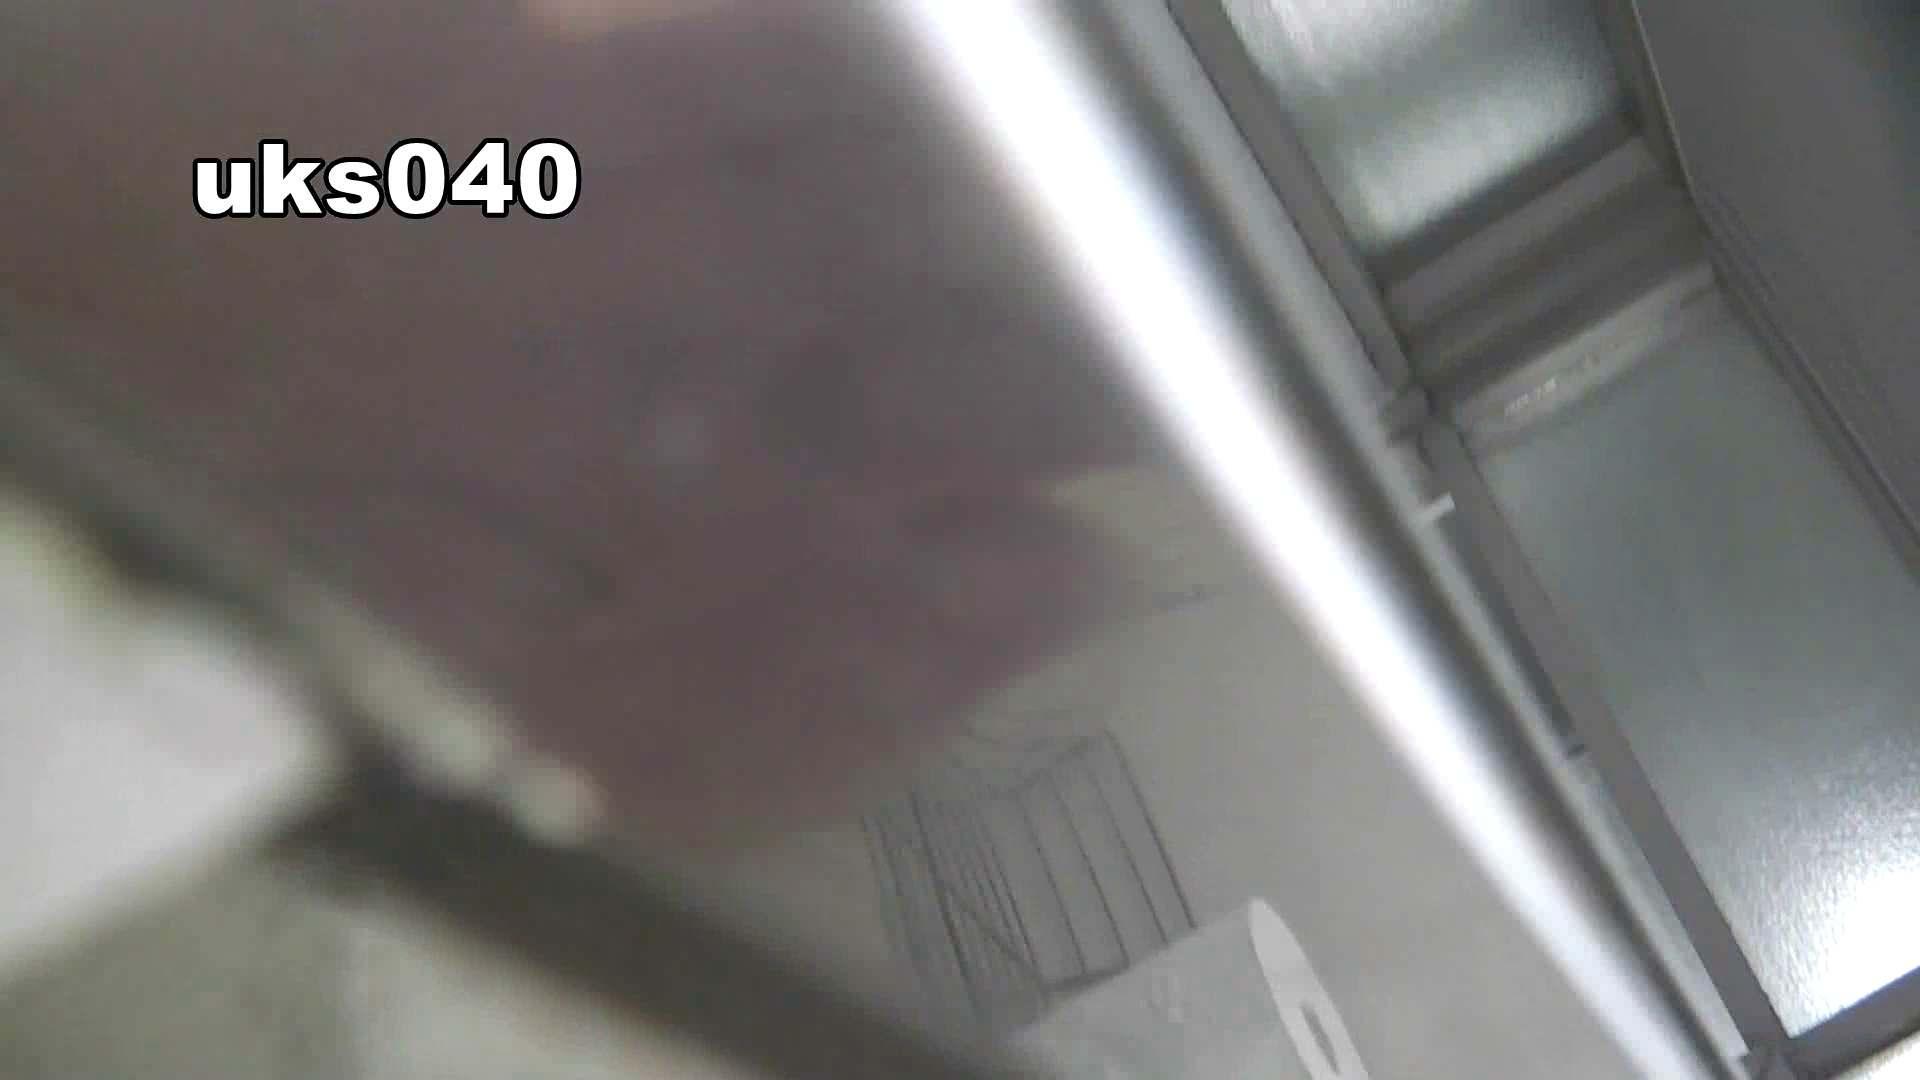 【美しき個室な世界】 vol.040 出て行かれる時の清楚姿撮り 高画質  88PIX 84